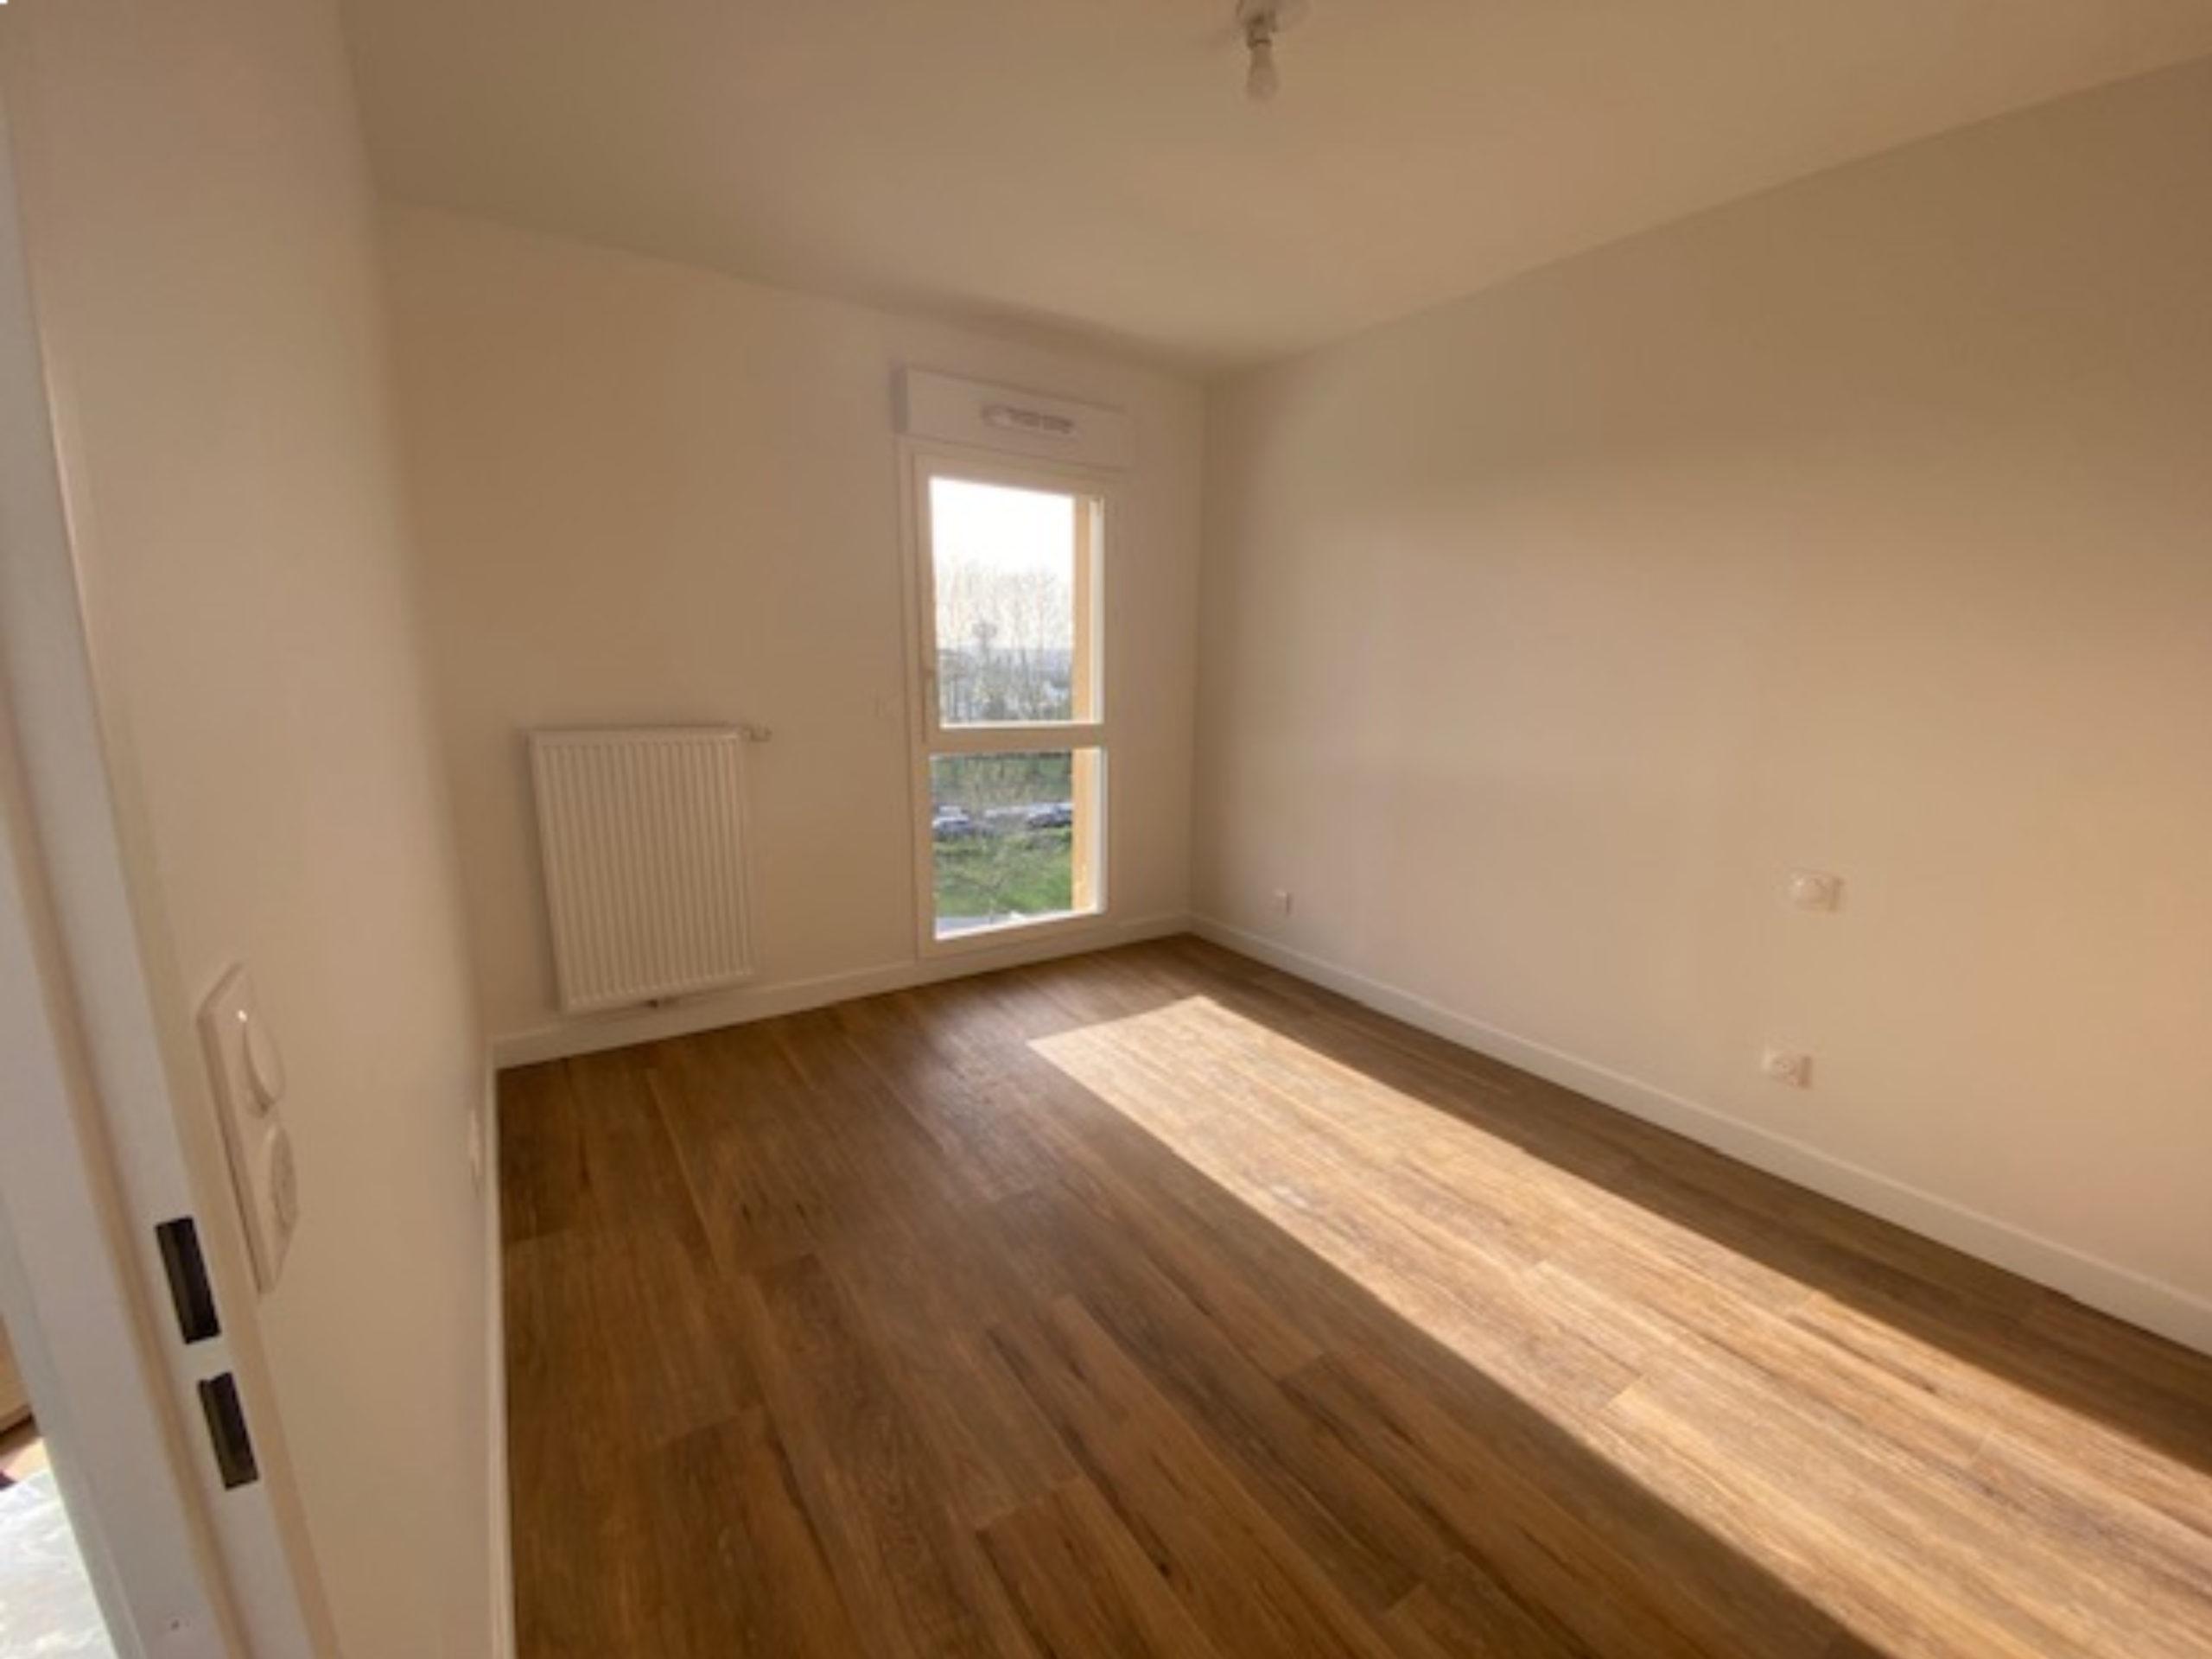 meubler un logement vide